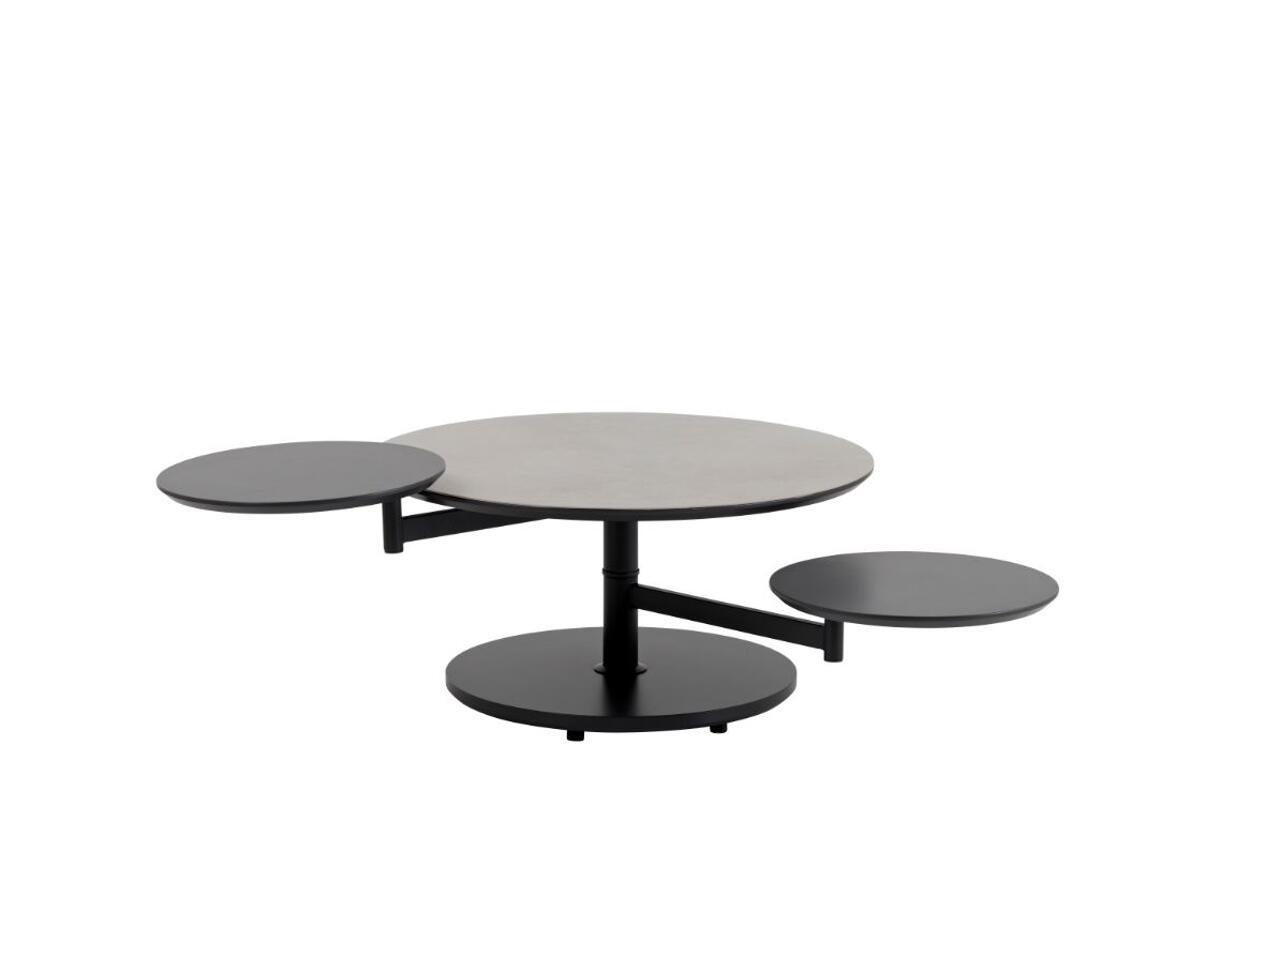 table basse 2 plateaux pivotants a claira